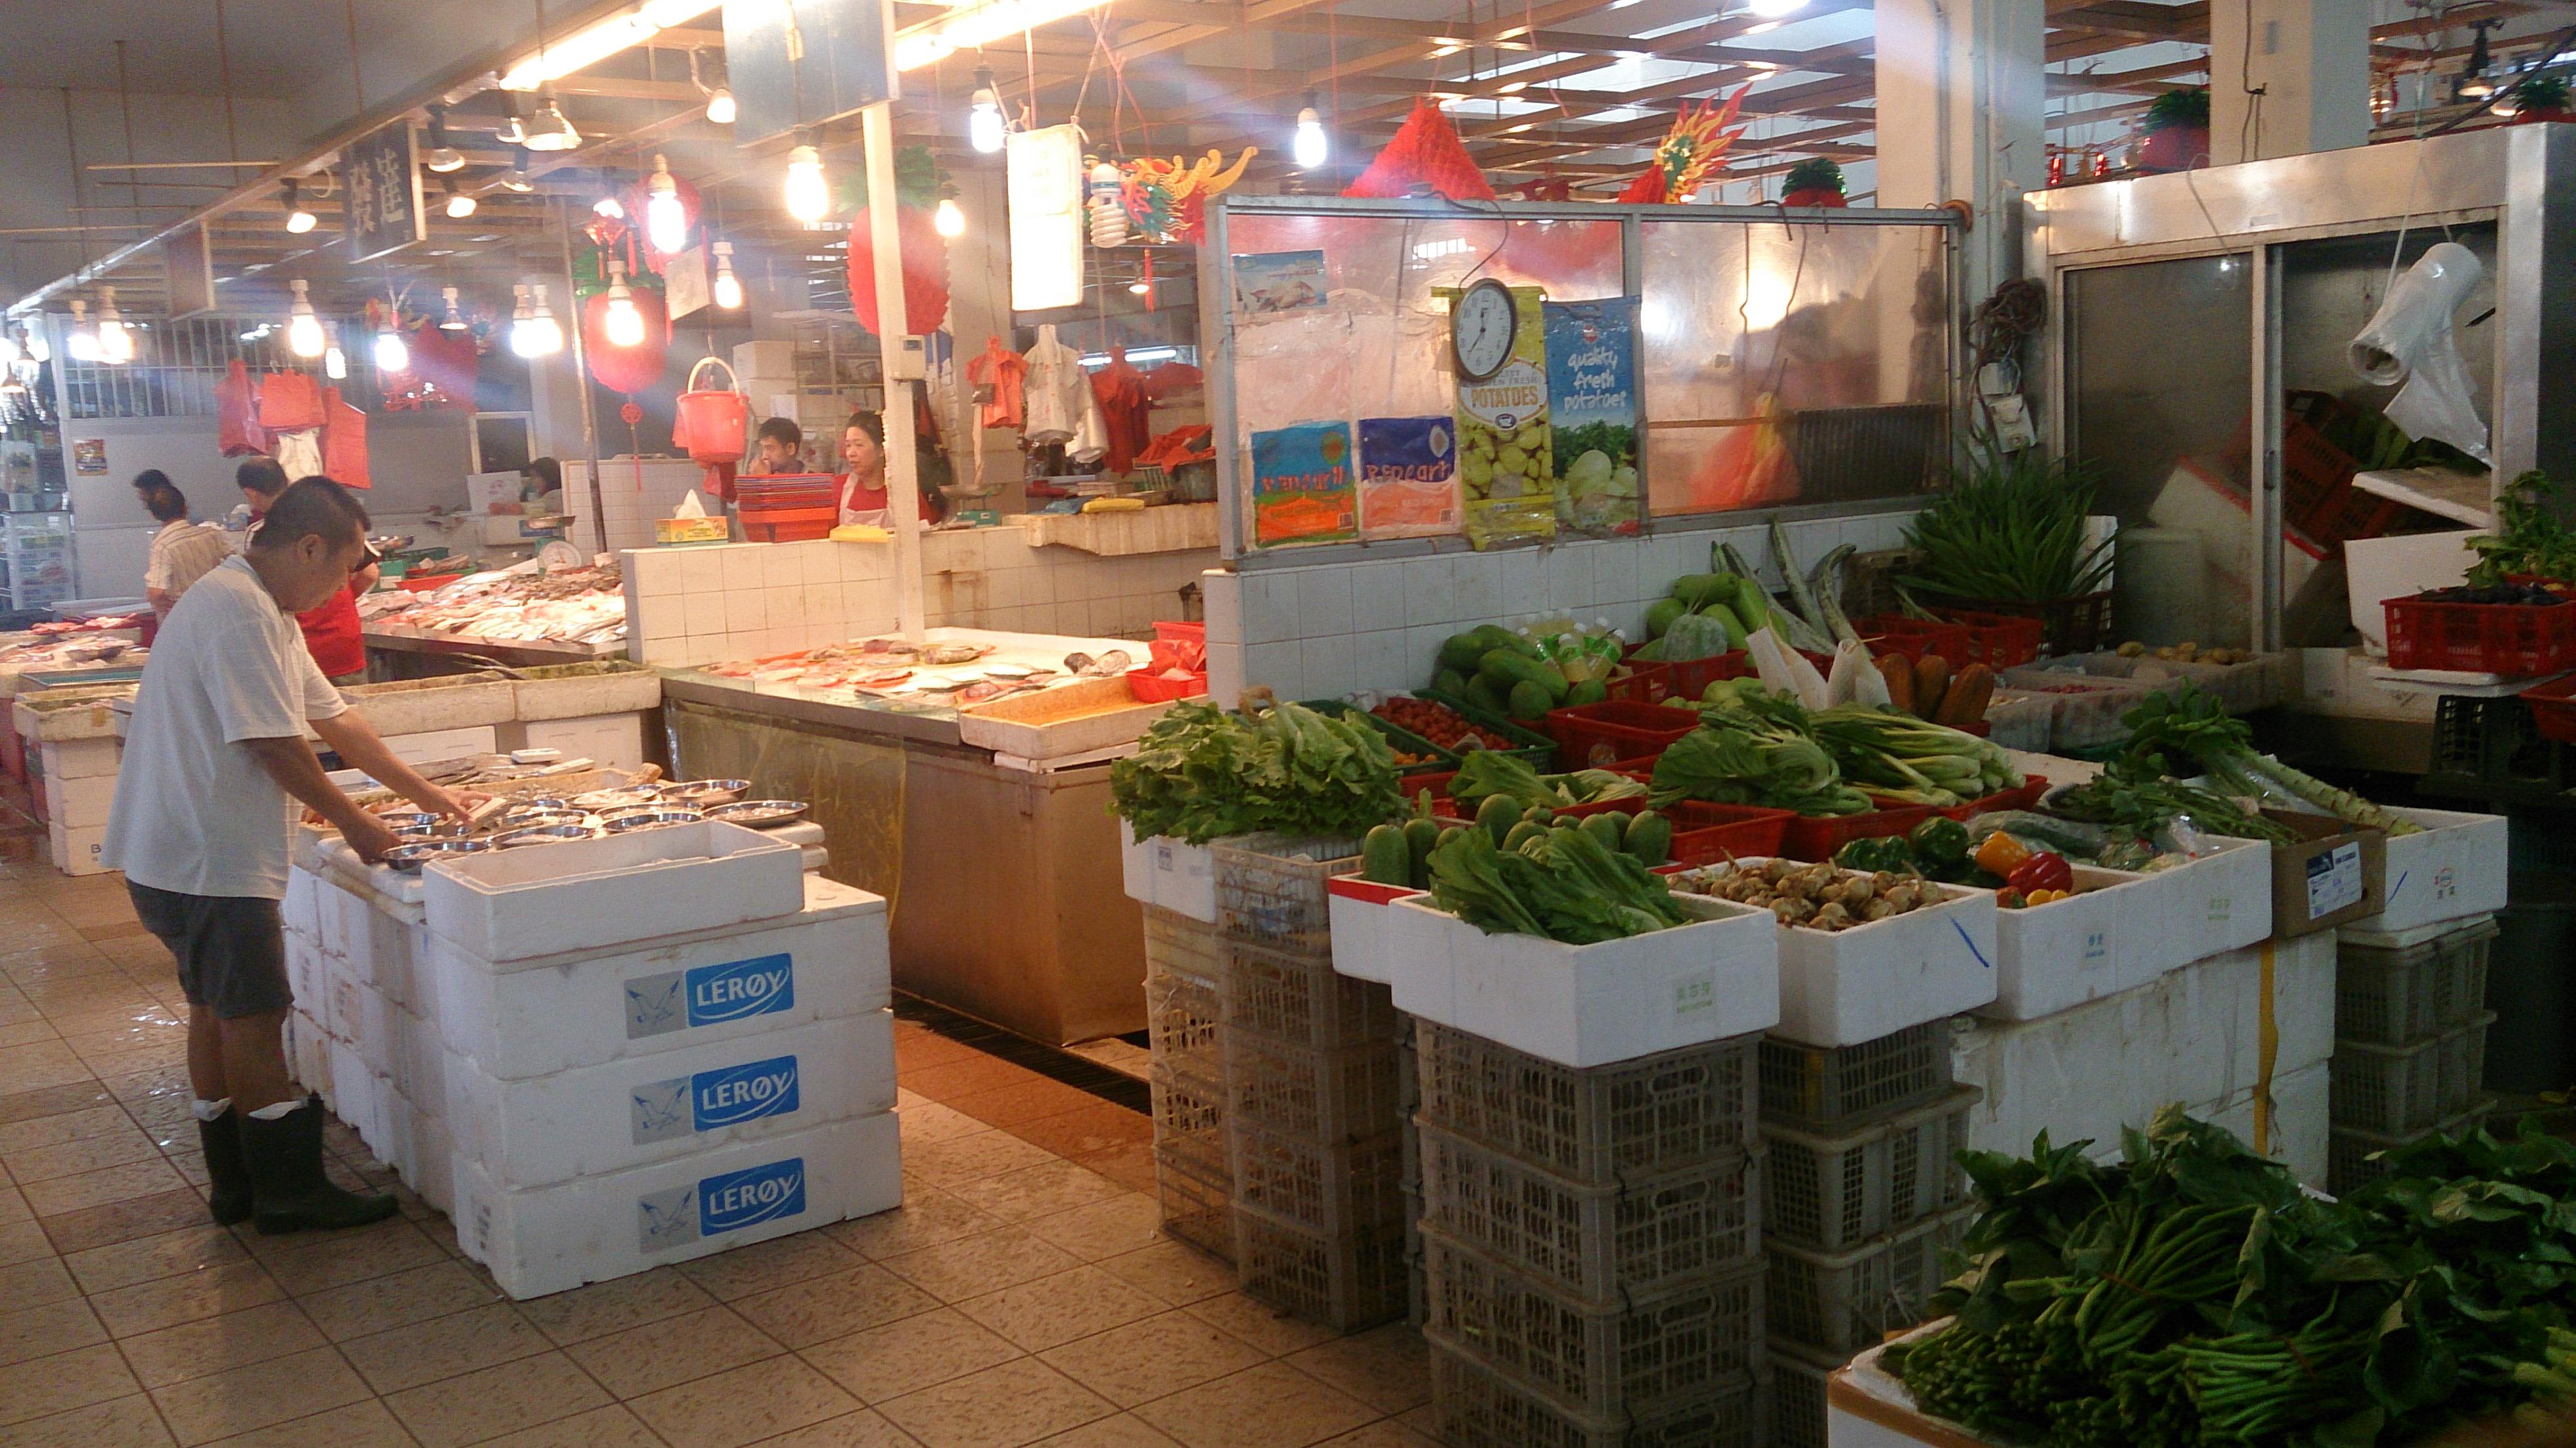 Depiction of Mercado